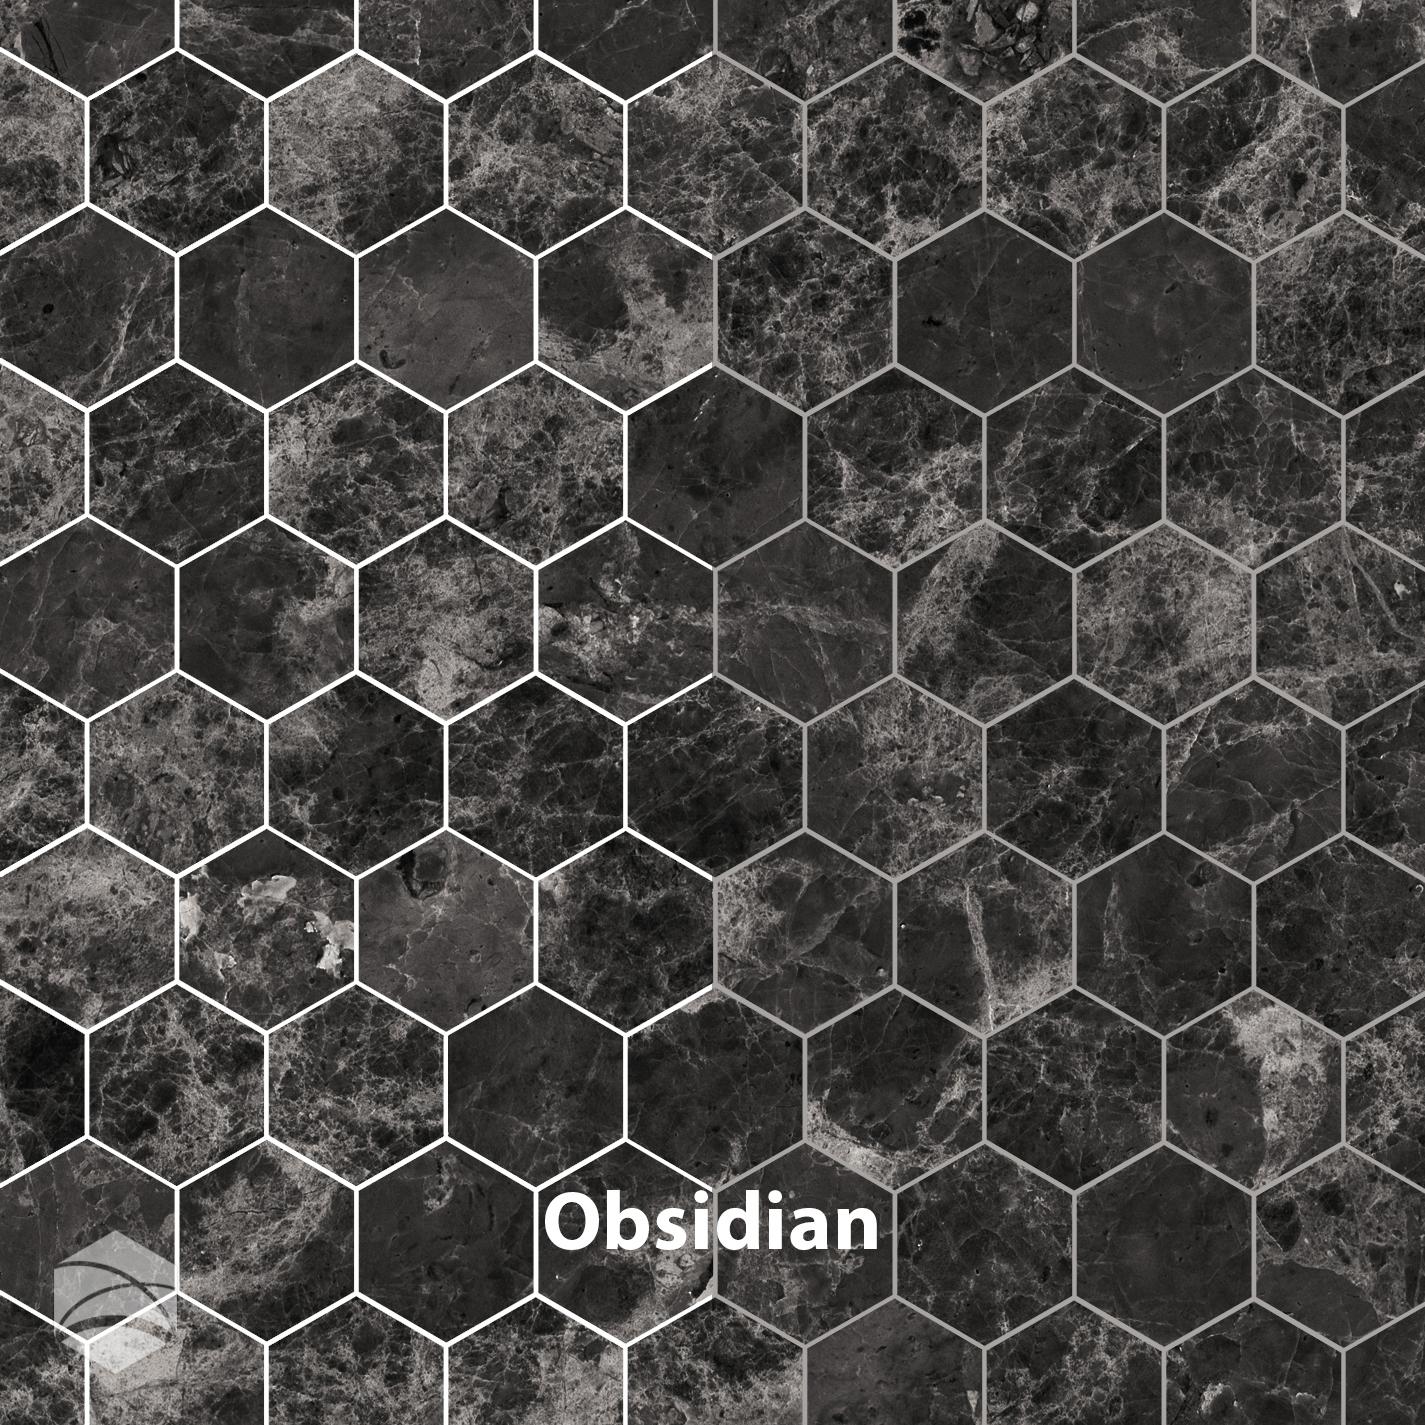 Obsidian_2 in Hex_V2_14x14.jpg